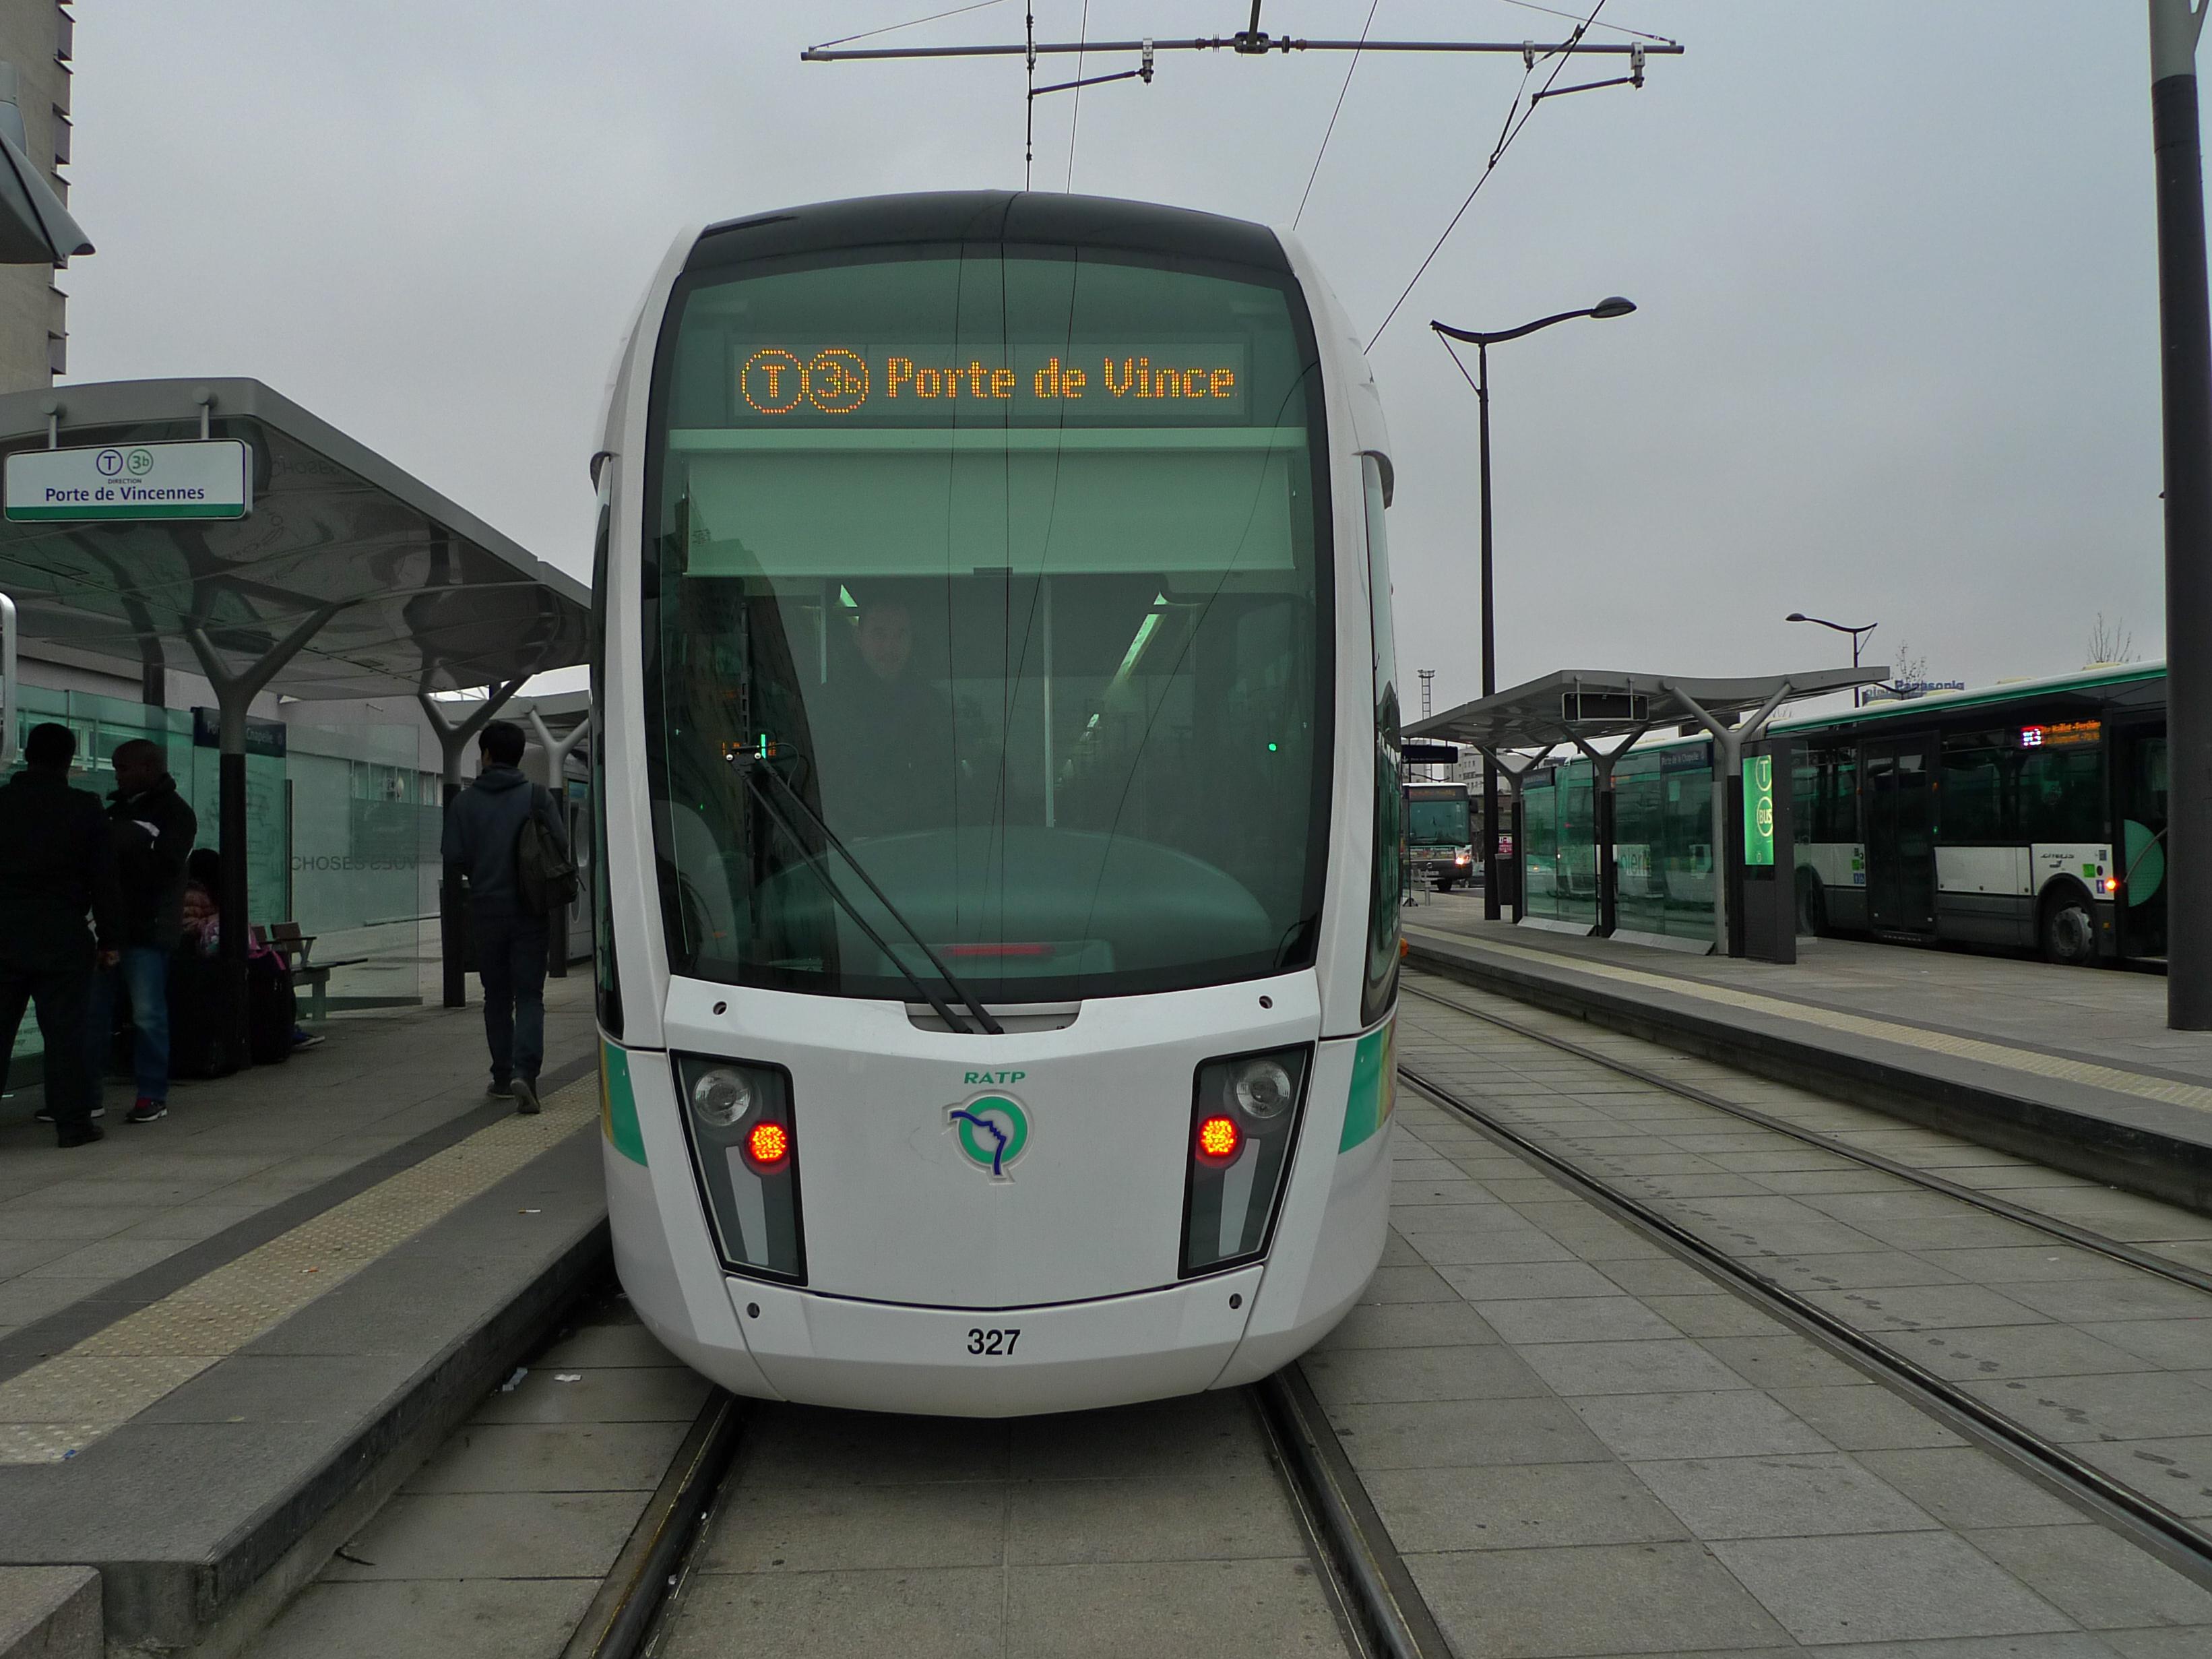 tram line t3 soundlandscapes